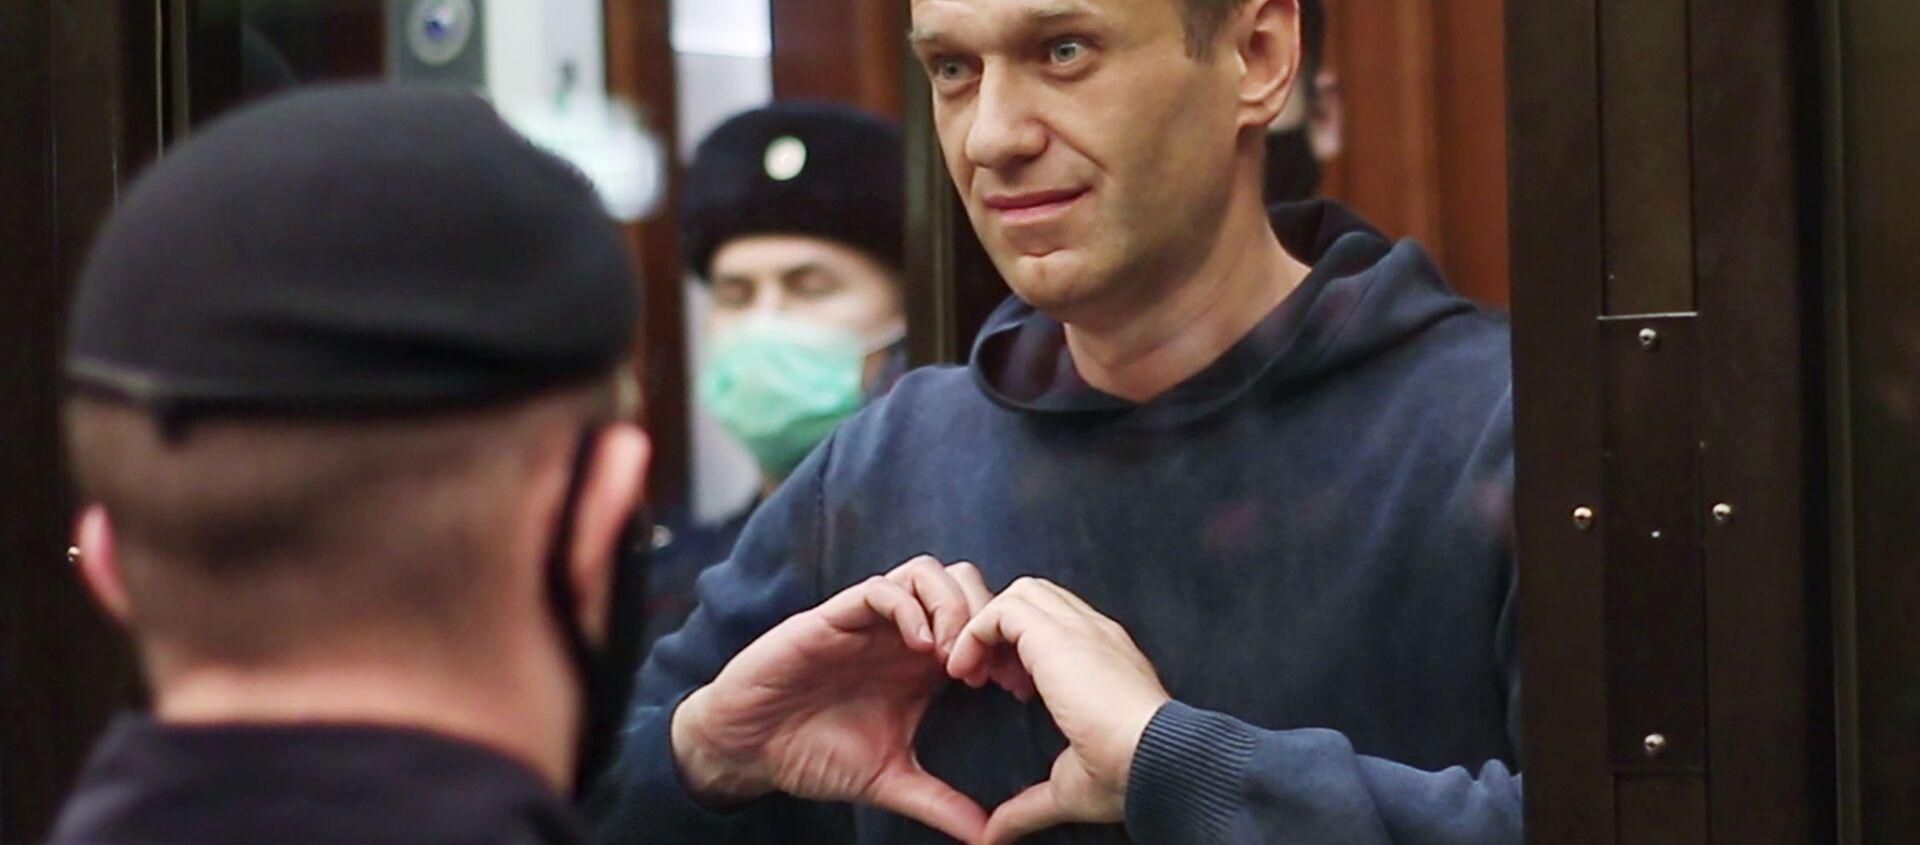 Заседание суда по делу А. Навального - Sputnik Армения, 1920, 22.02.2021